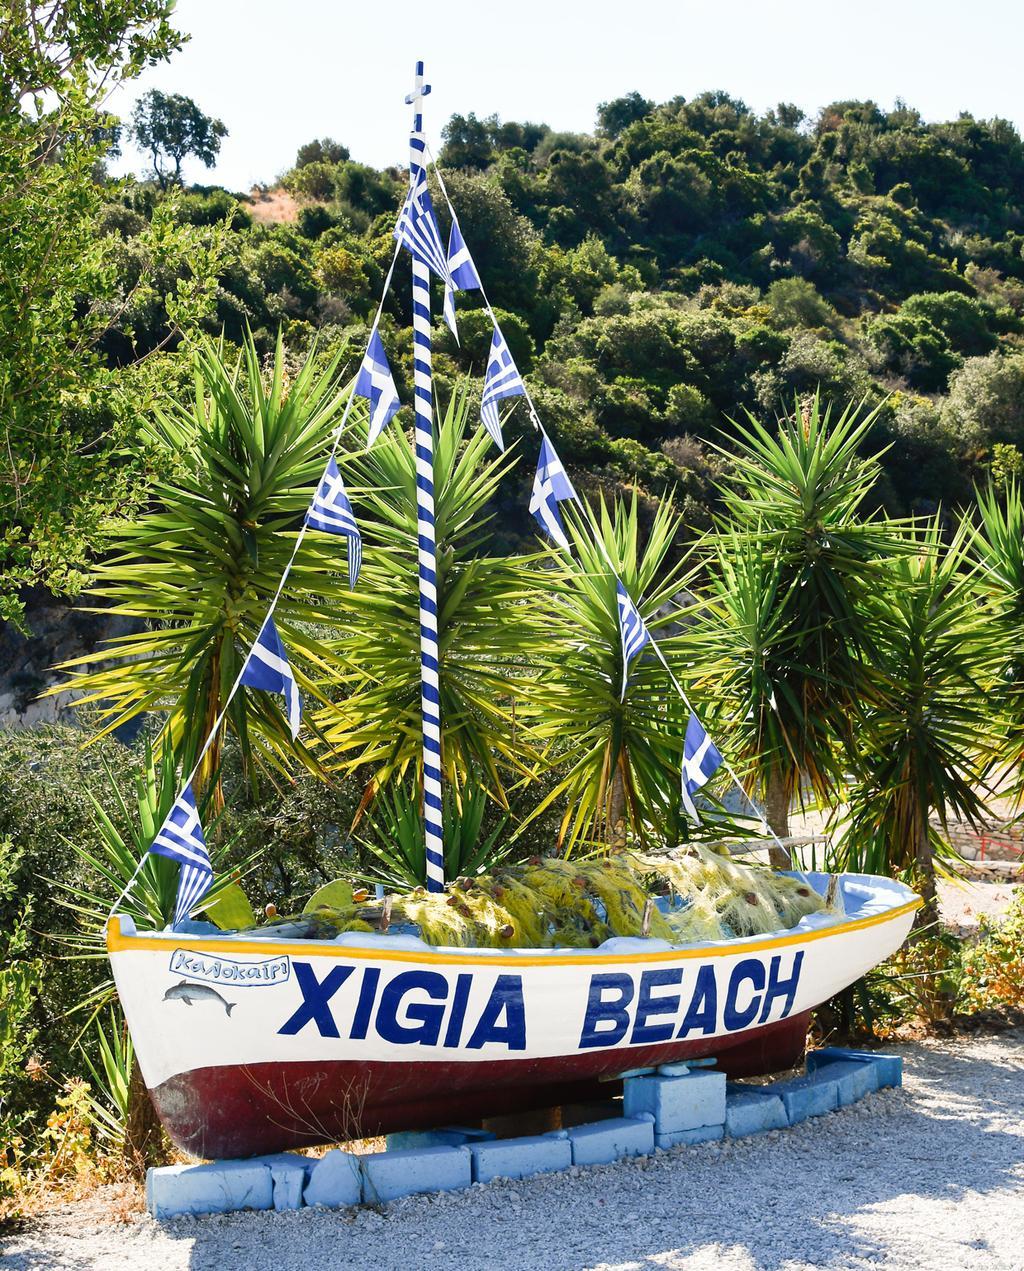 vtwonen 1-2020 | Zakynthos Xigia Beach